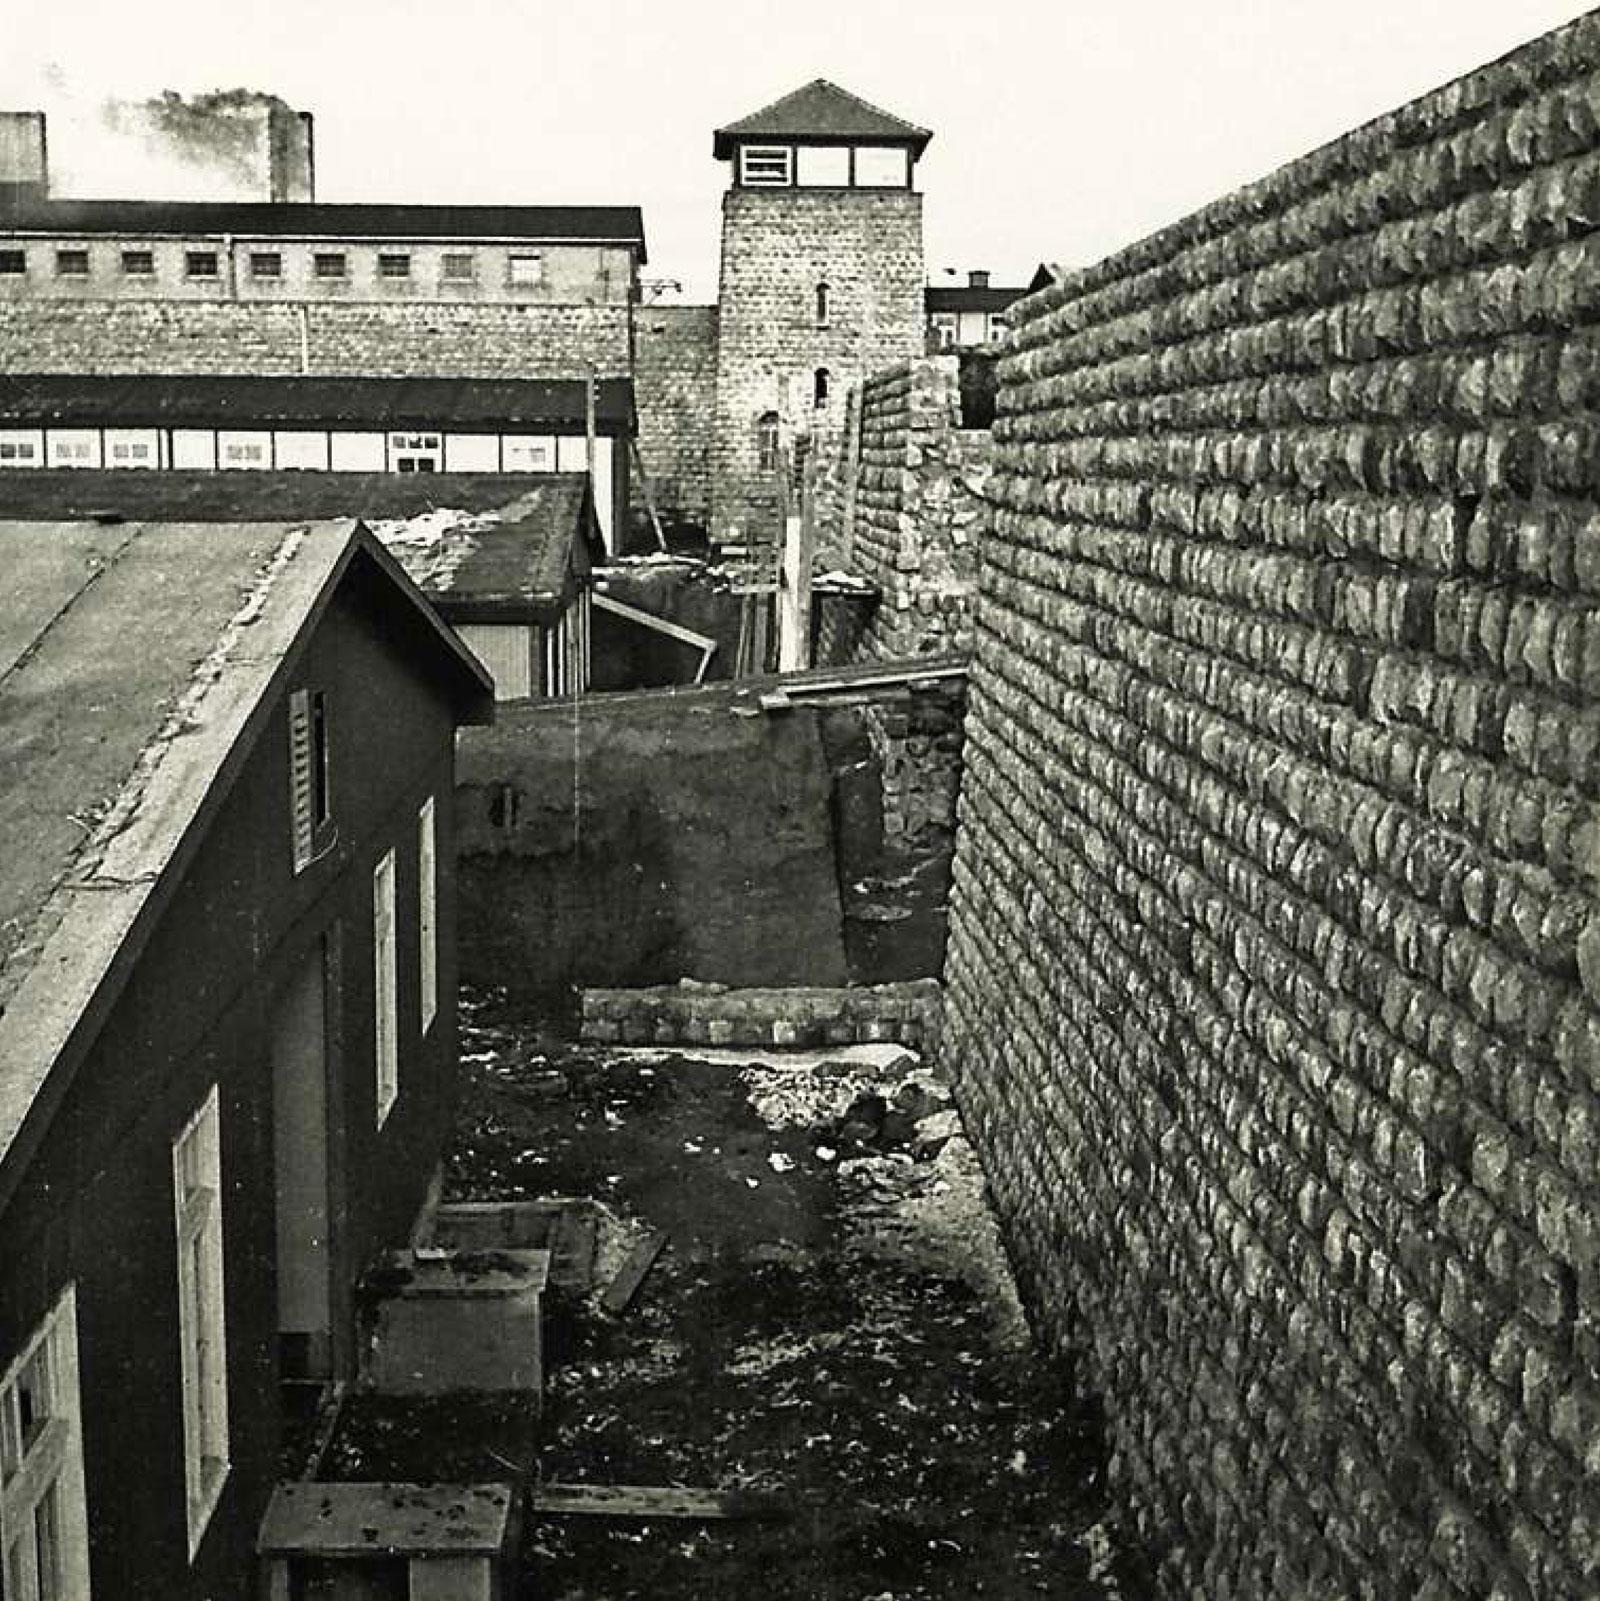 mauthausen-la-part-visible-des-camps-camp